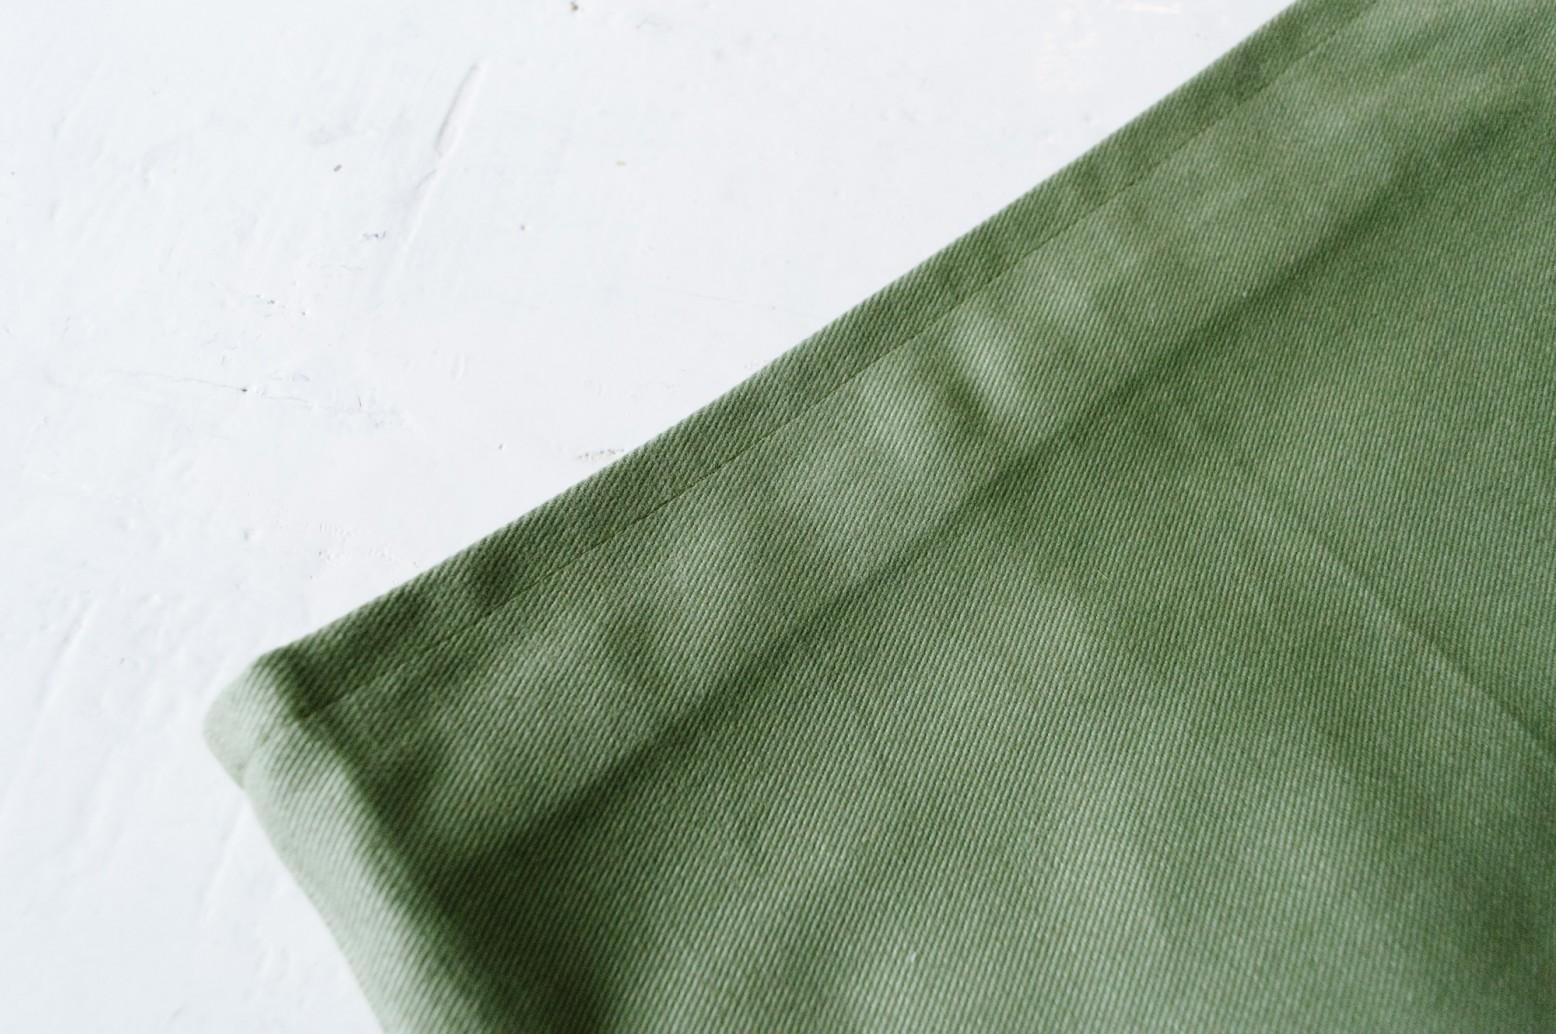 Cách may túi vải tại nhà - viền miệng túi